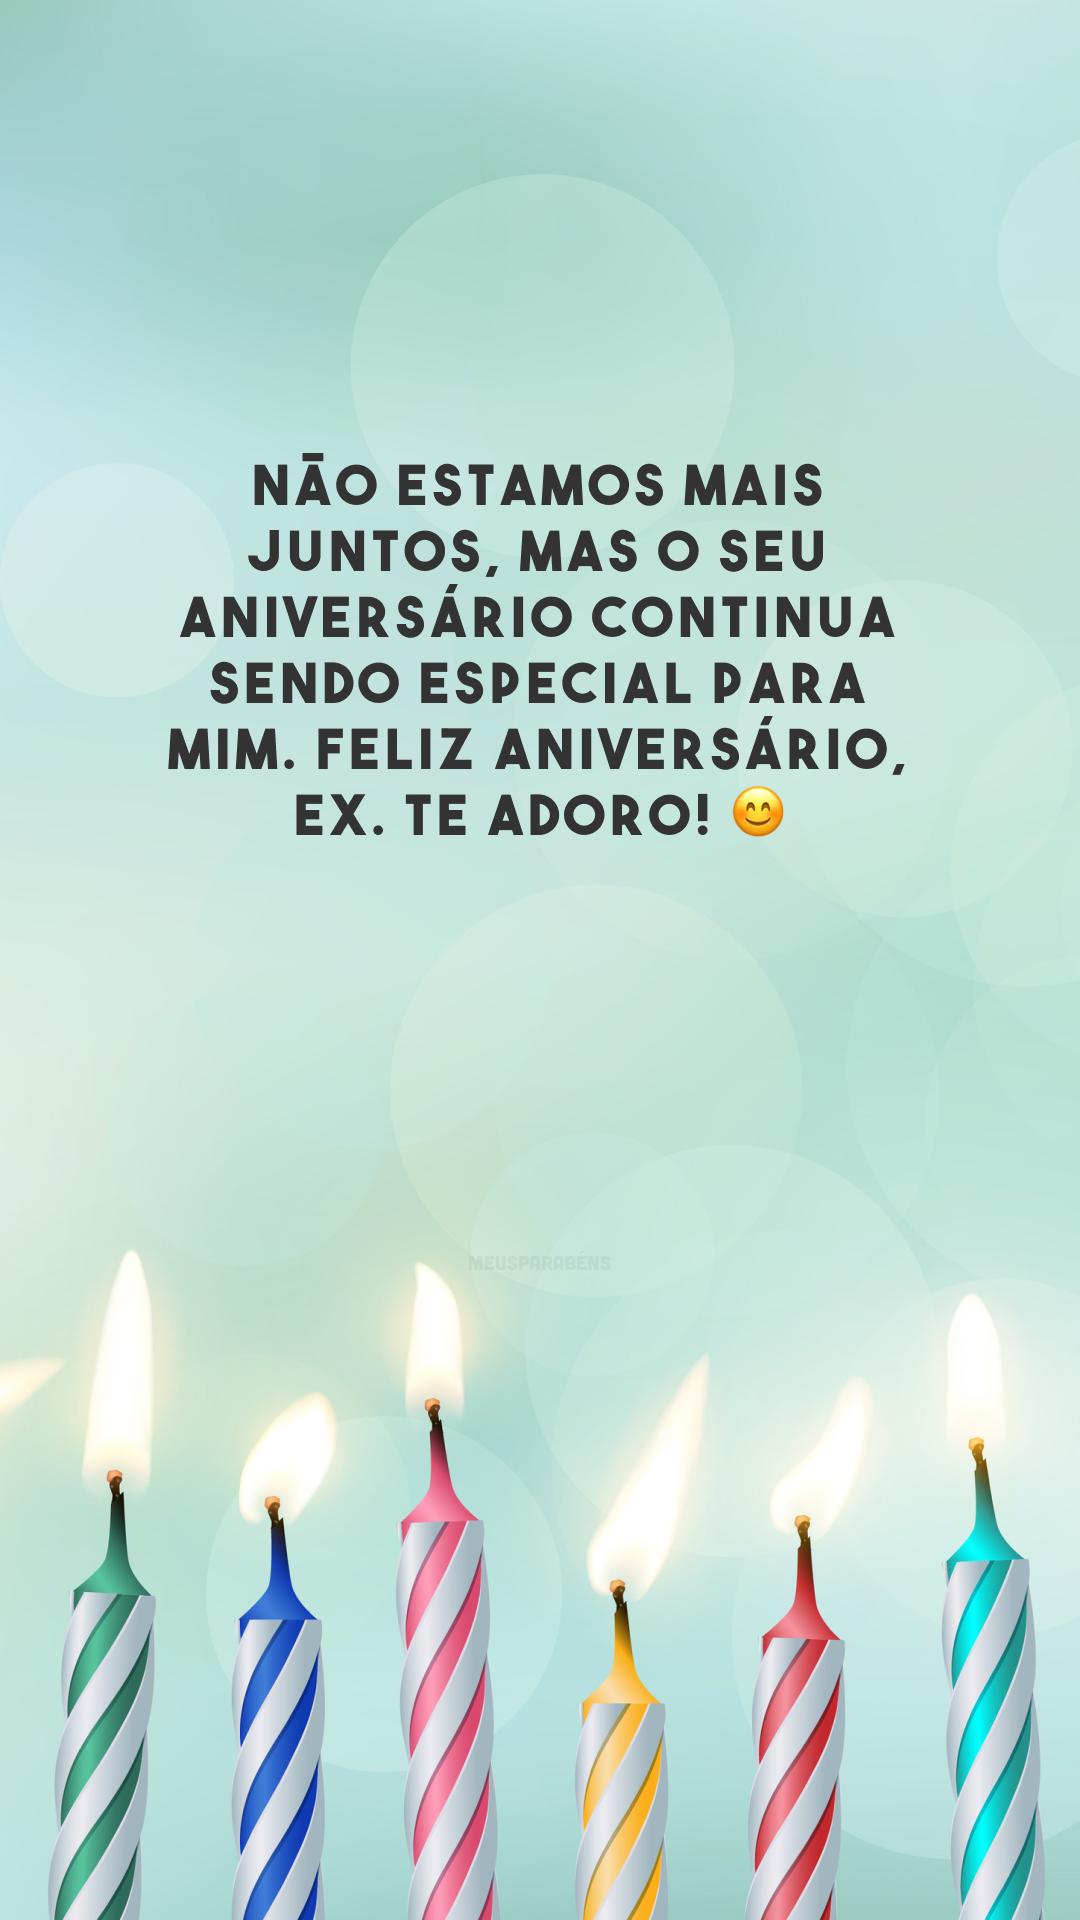 Não estamos mais juntos, mas o seu aniversário continua sendo especial para mim. Feliz aniversário, ex. Te adoro! 😊